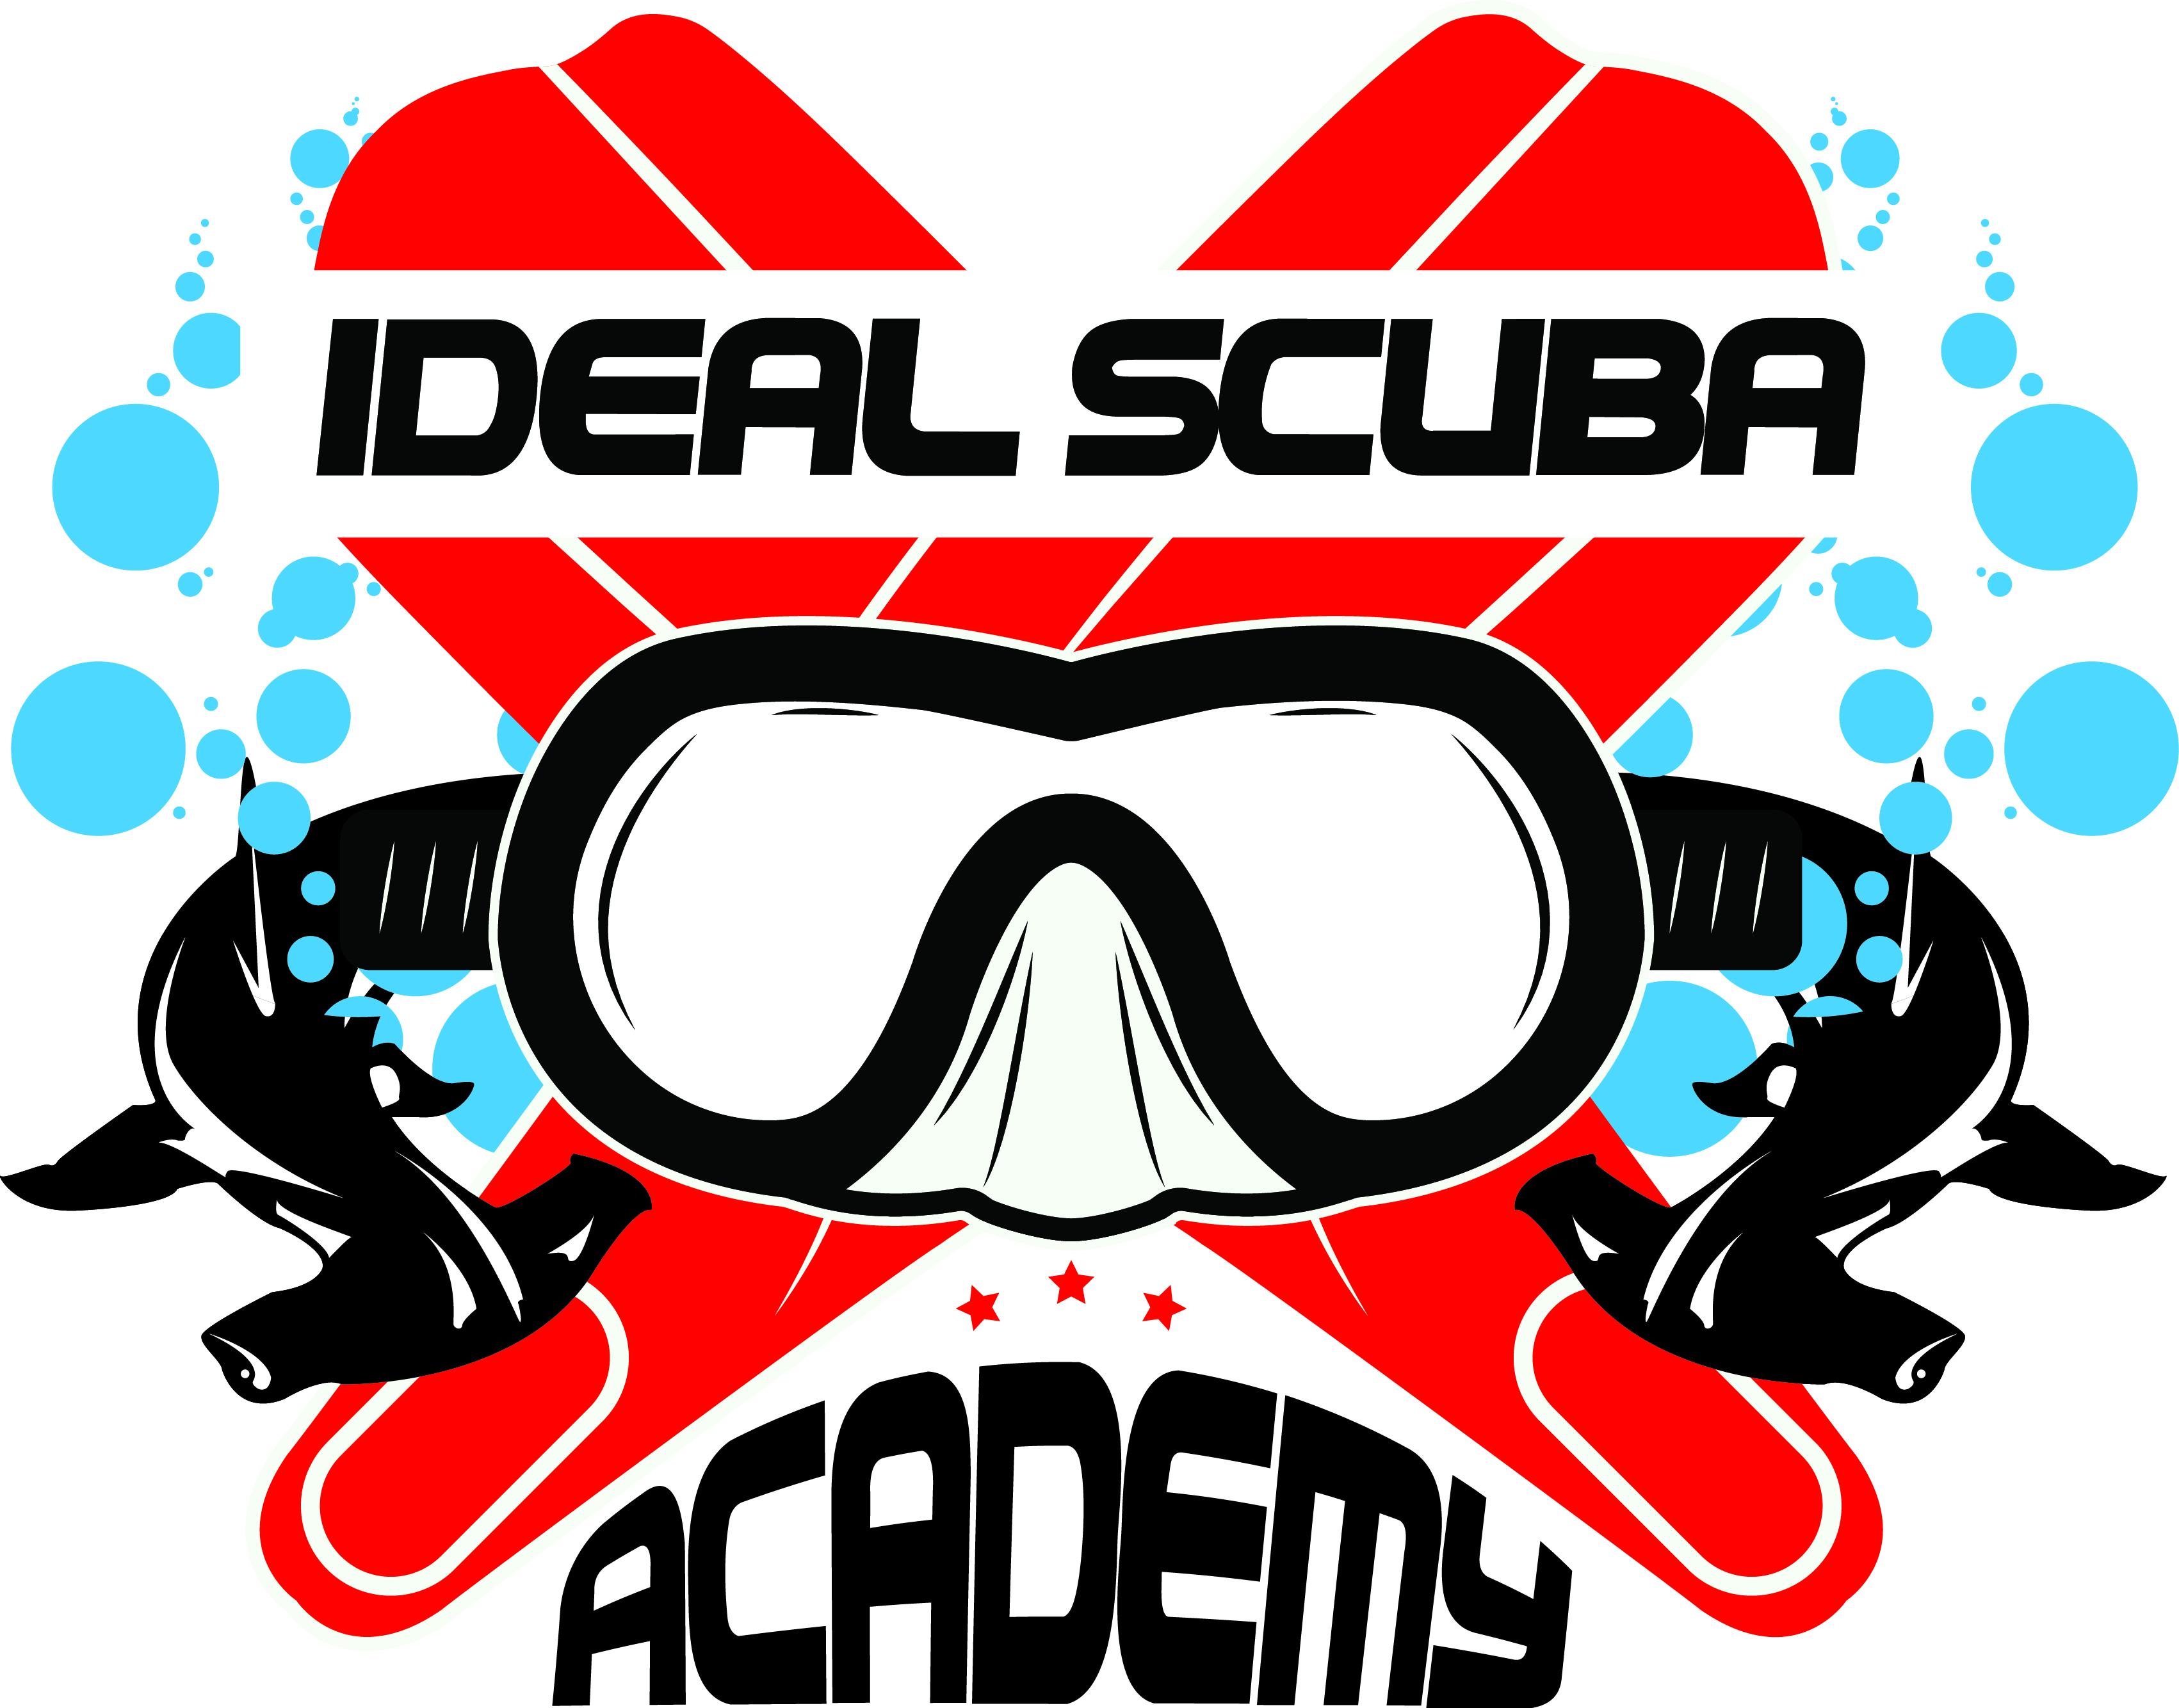 Ideal Scuba Academy